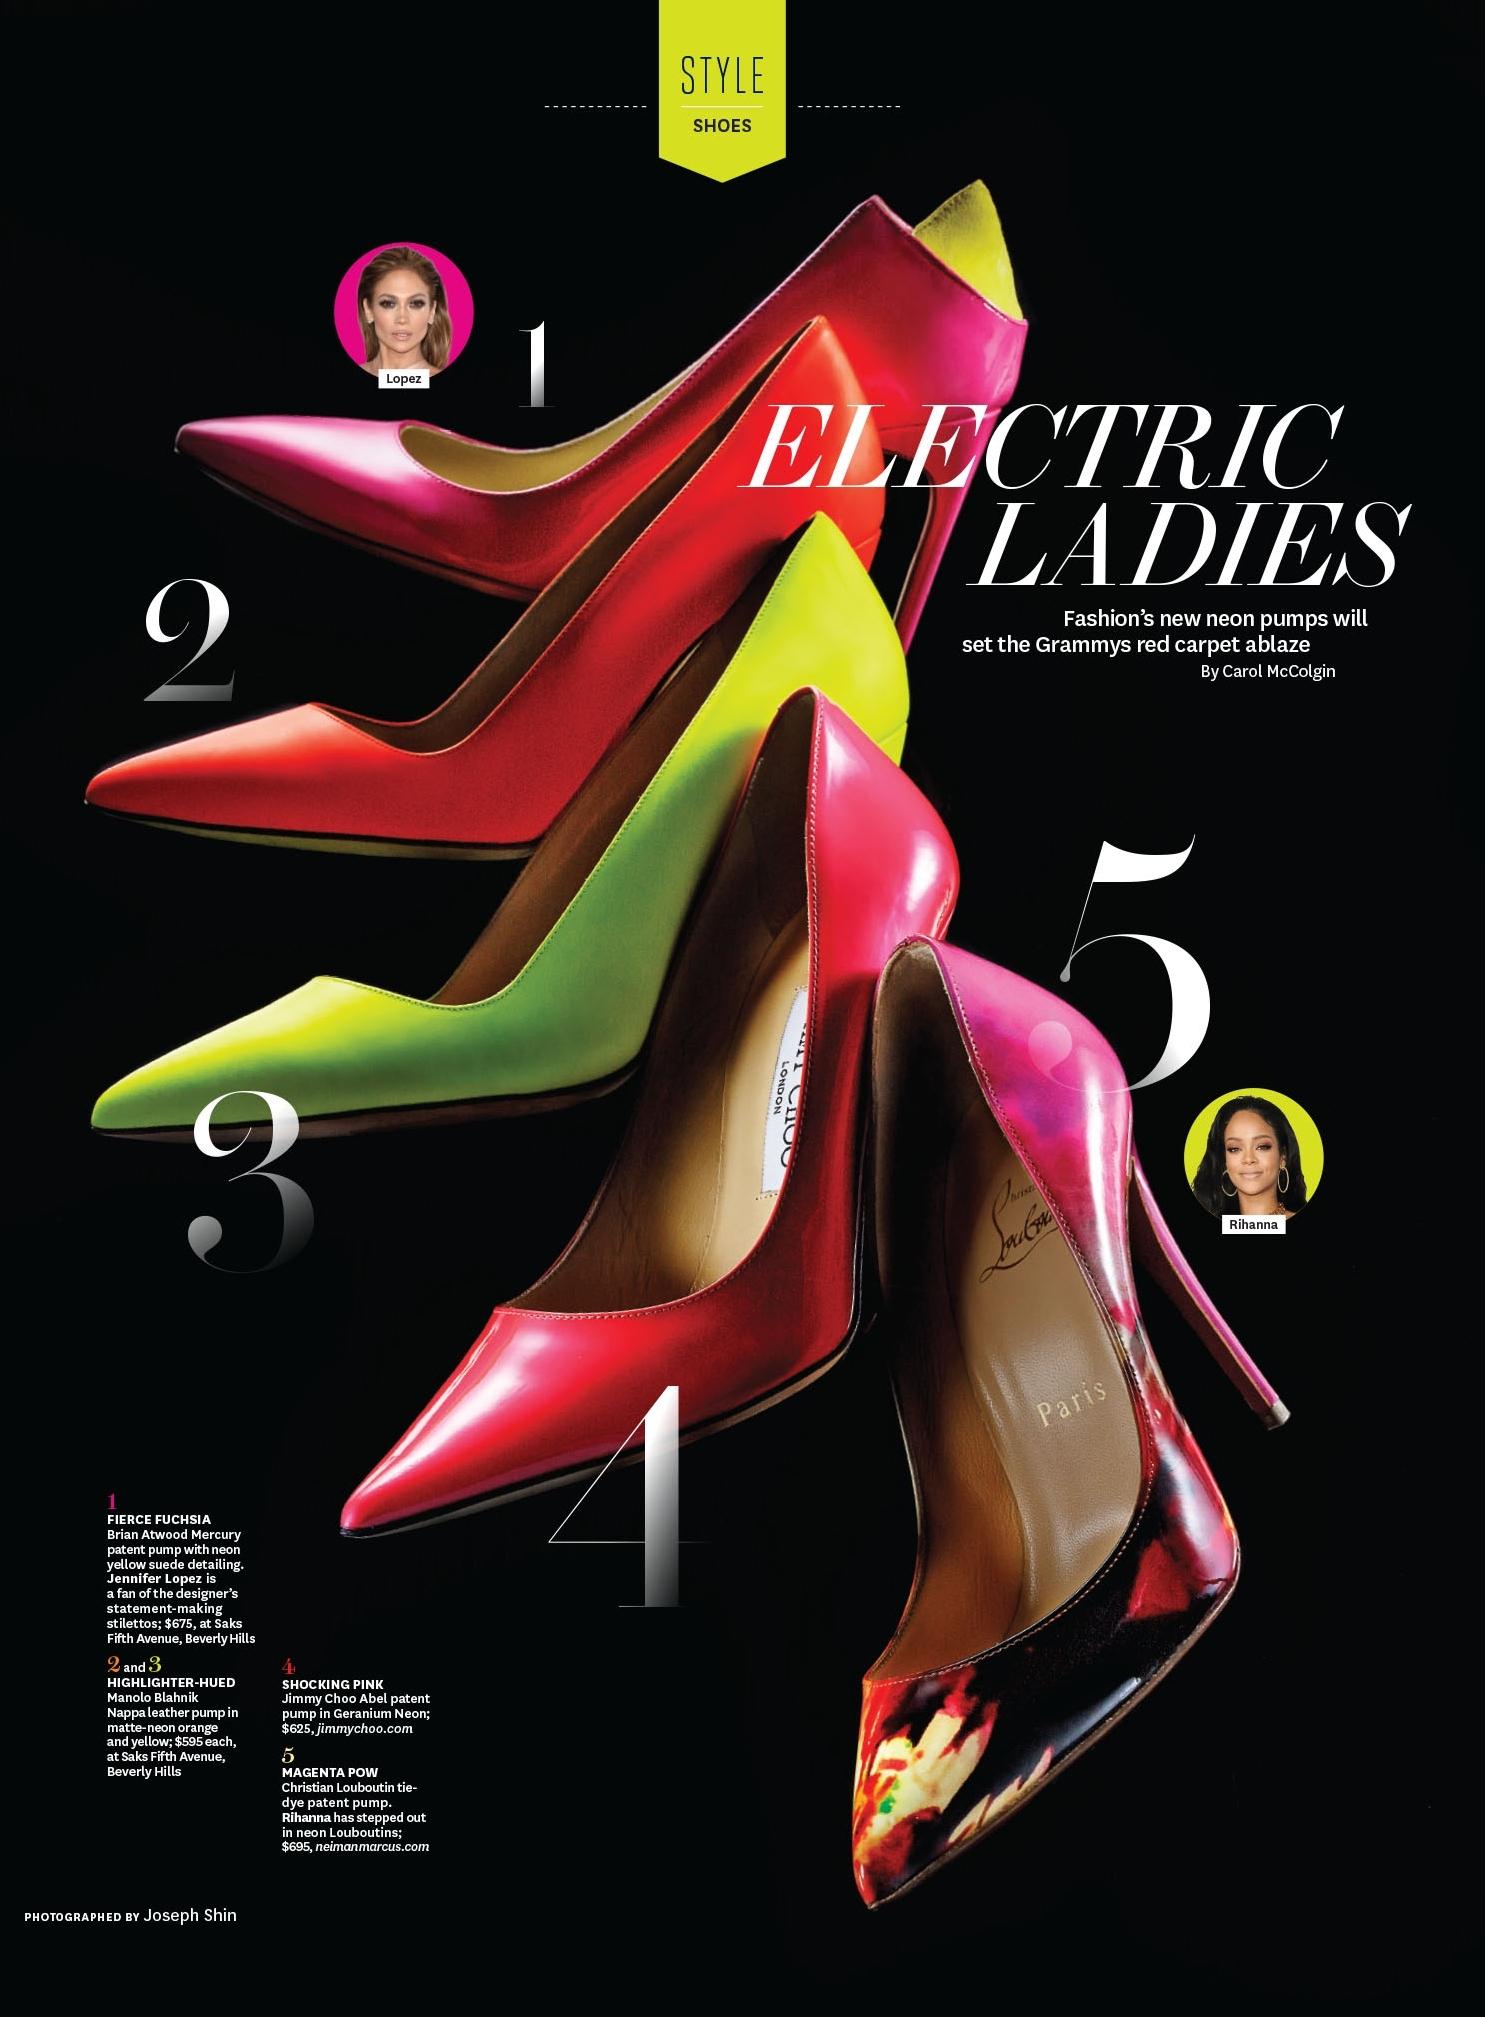 electricladies.jpg